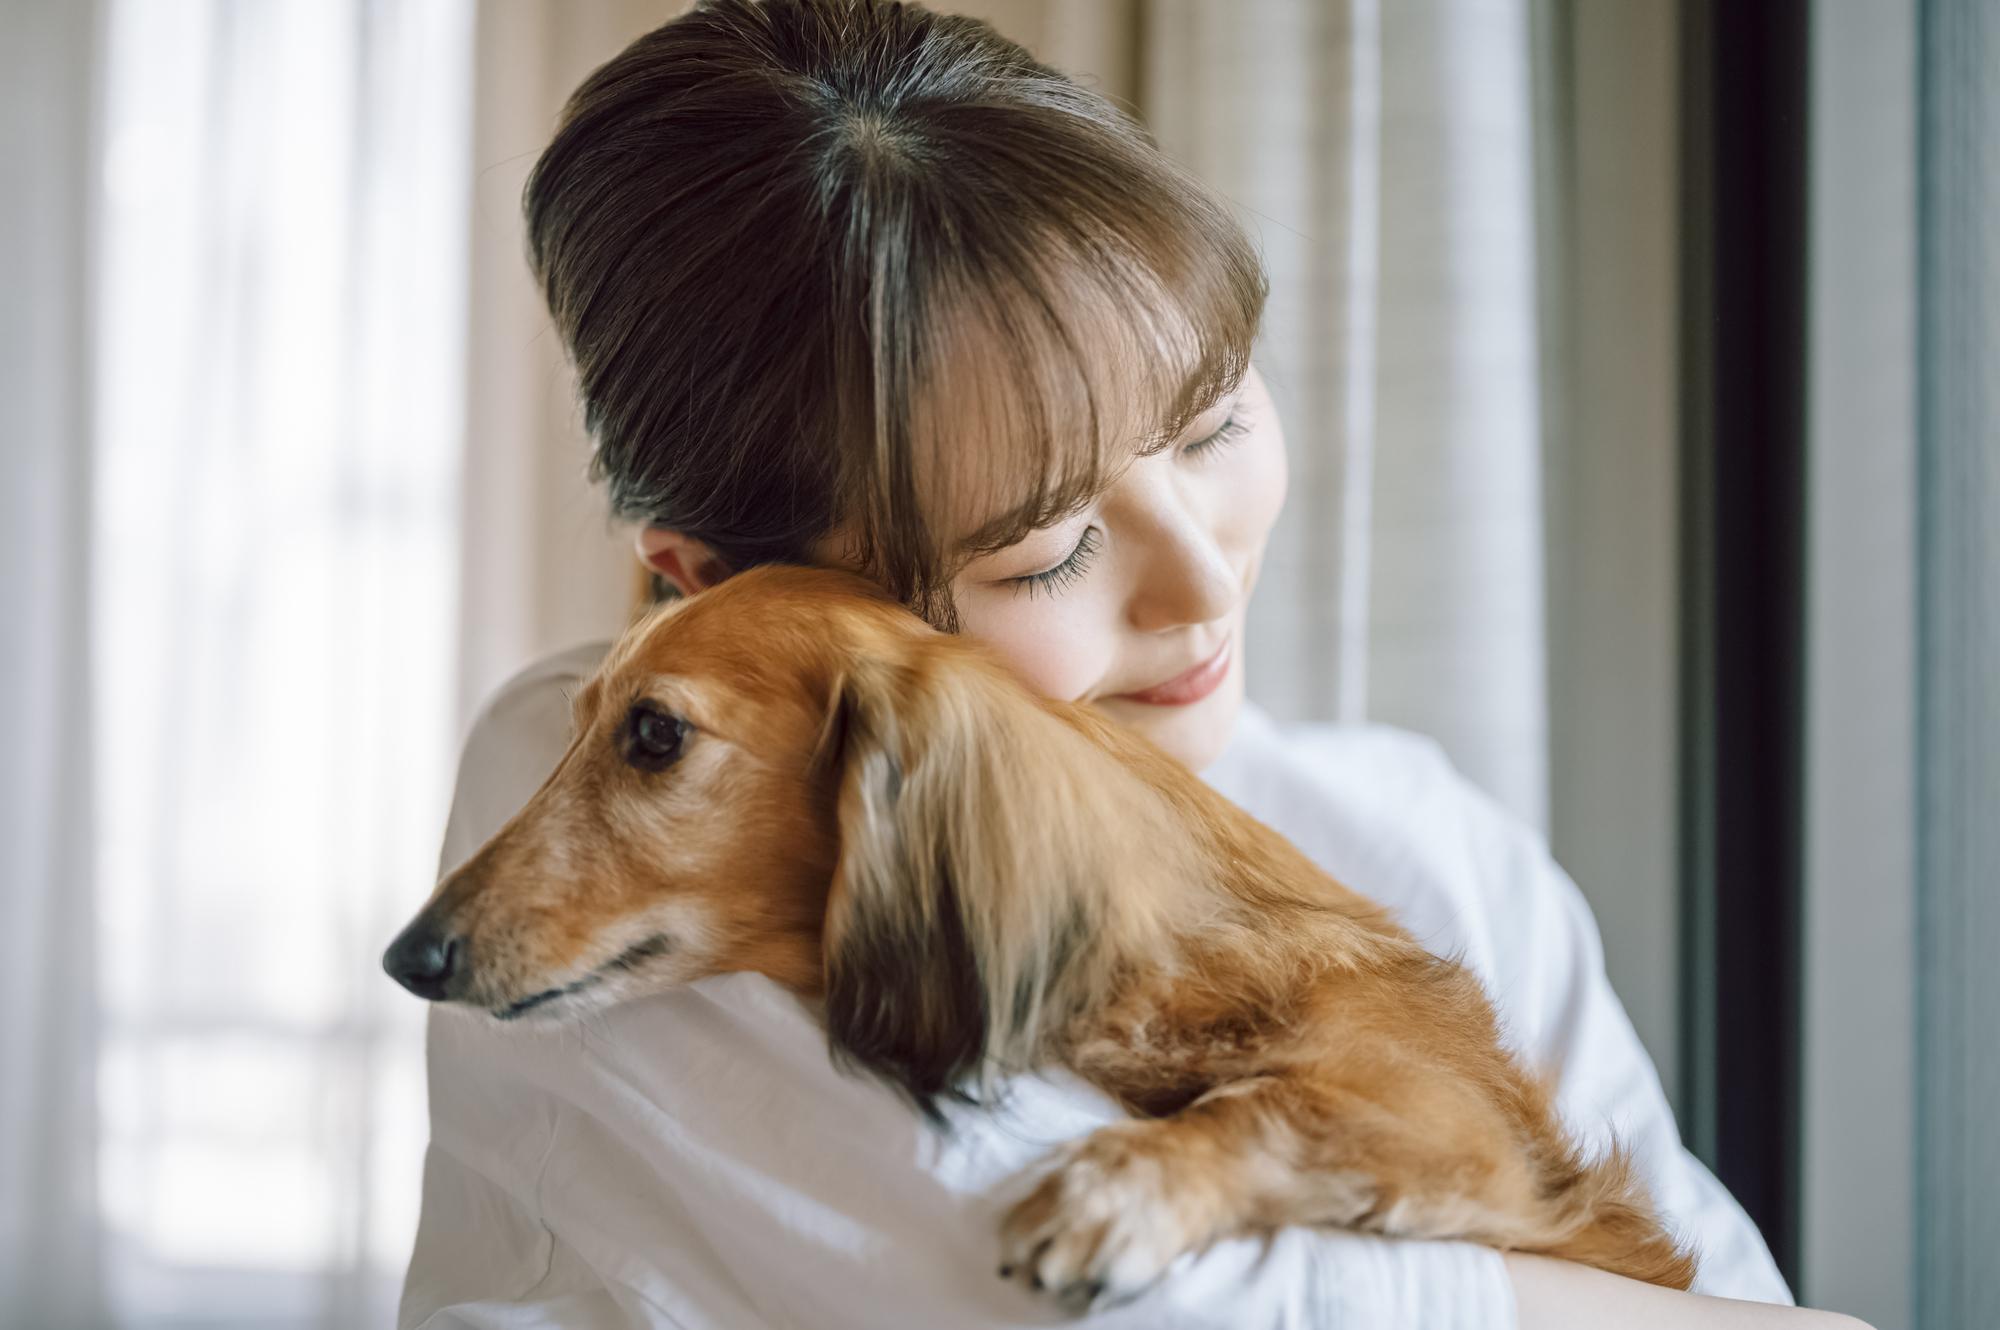 引越しで飼い犬の移動はどうする?新居への慣れさせ方や登録方法も